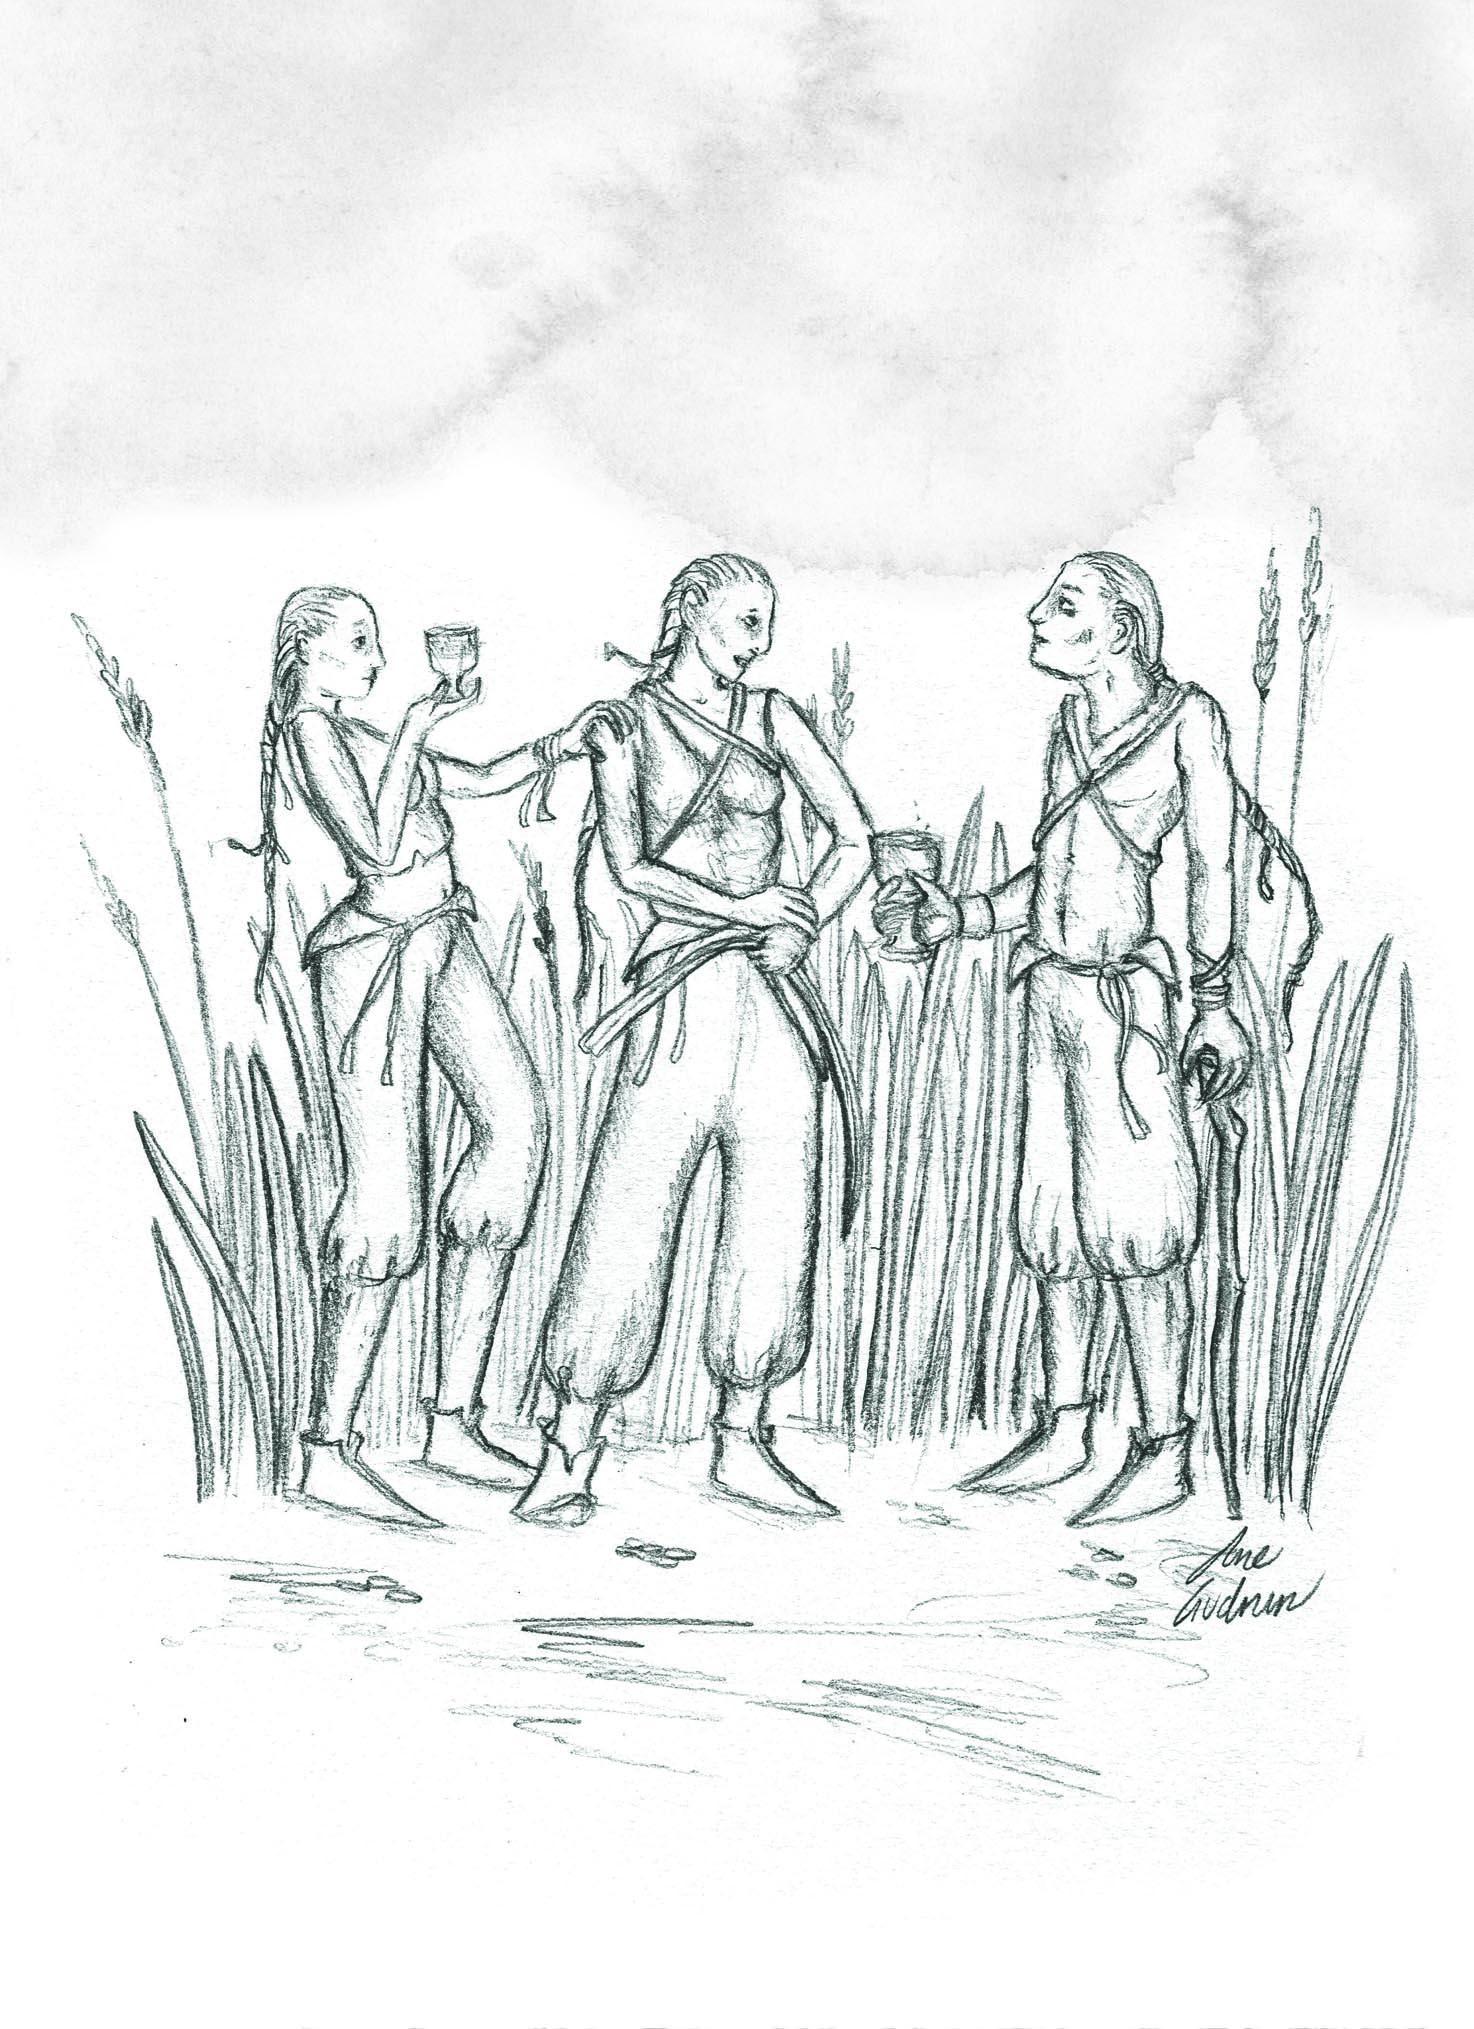 Græsfolkene